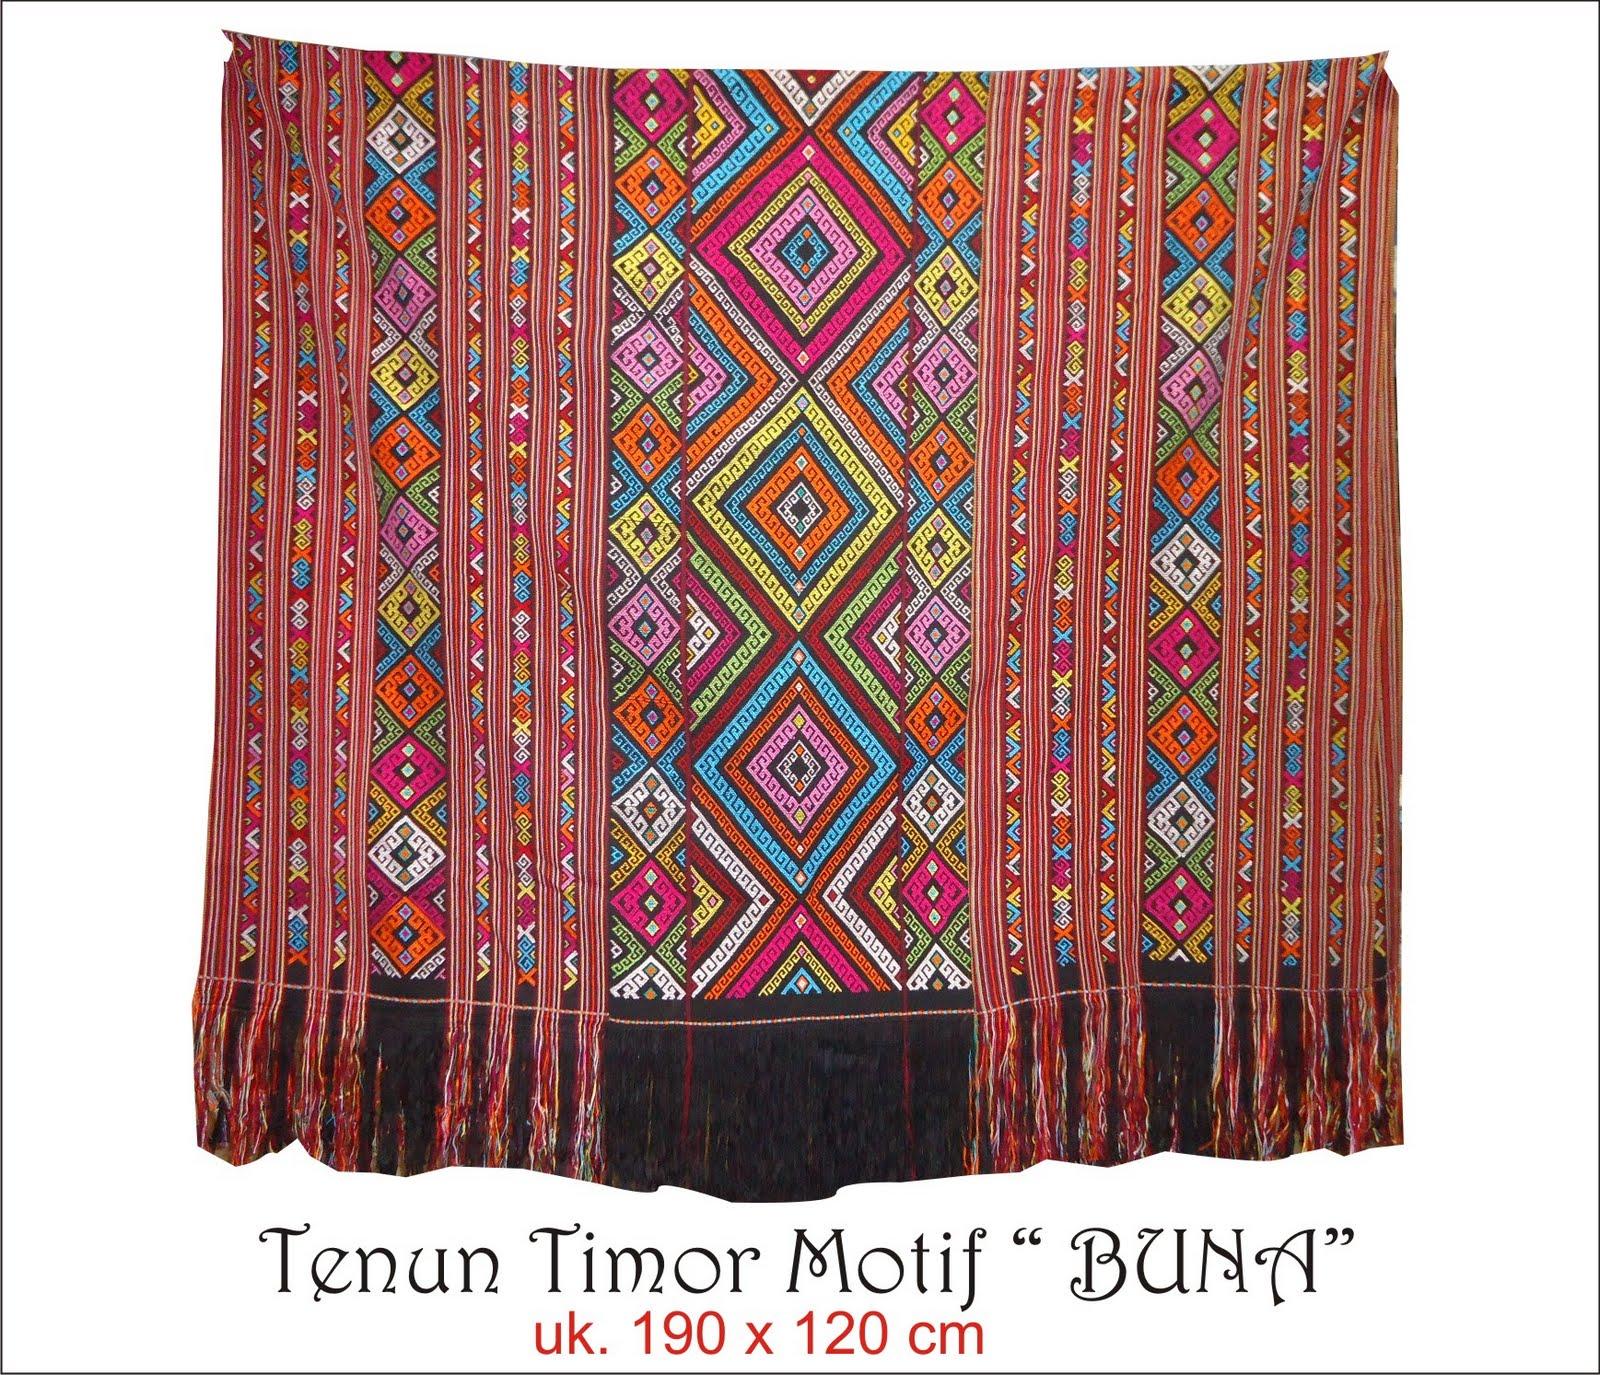 http://2.bp.blogspot.com/-kmnnQL8rjs4/TnC3wH1zHdI/AAAAAAAACZQ/ALD2MNwsNrg/s1600/Selimut+Tenun+Timor+motif+BUNA+4.jpg